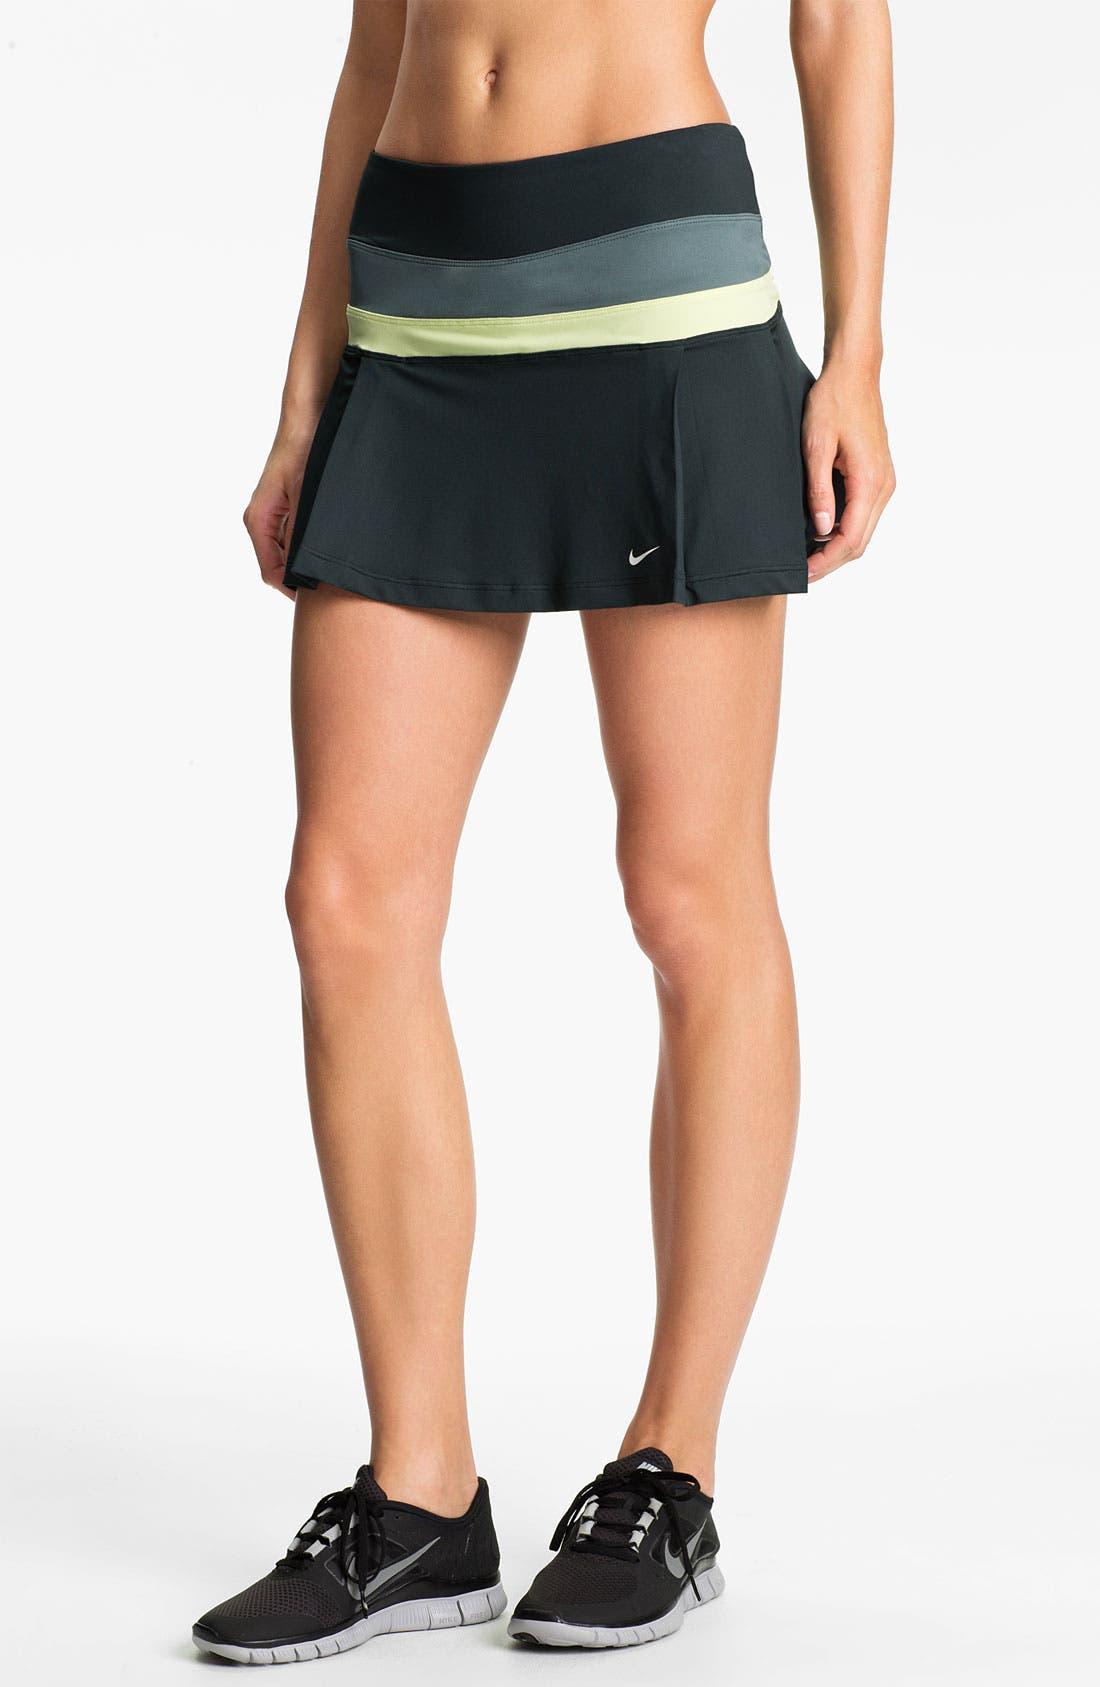 Alternate Image 1 Selected - Nike 'Share Athlete' Tennis Skirt